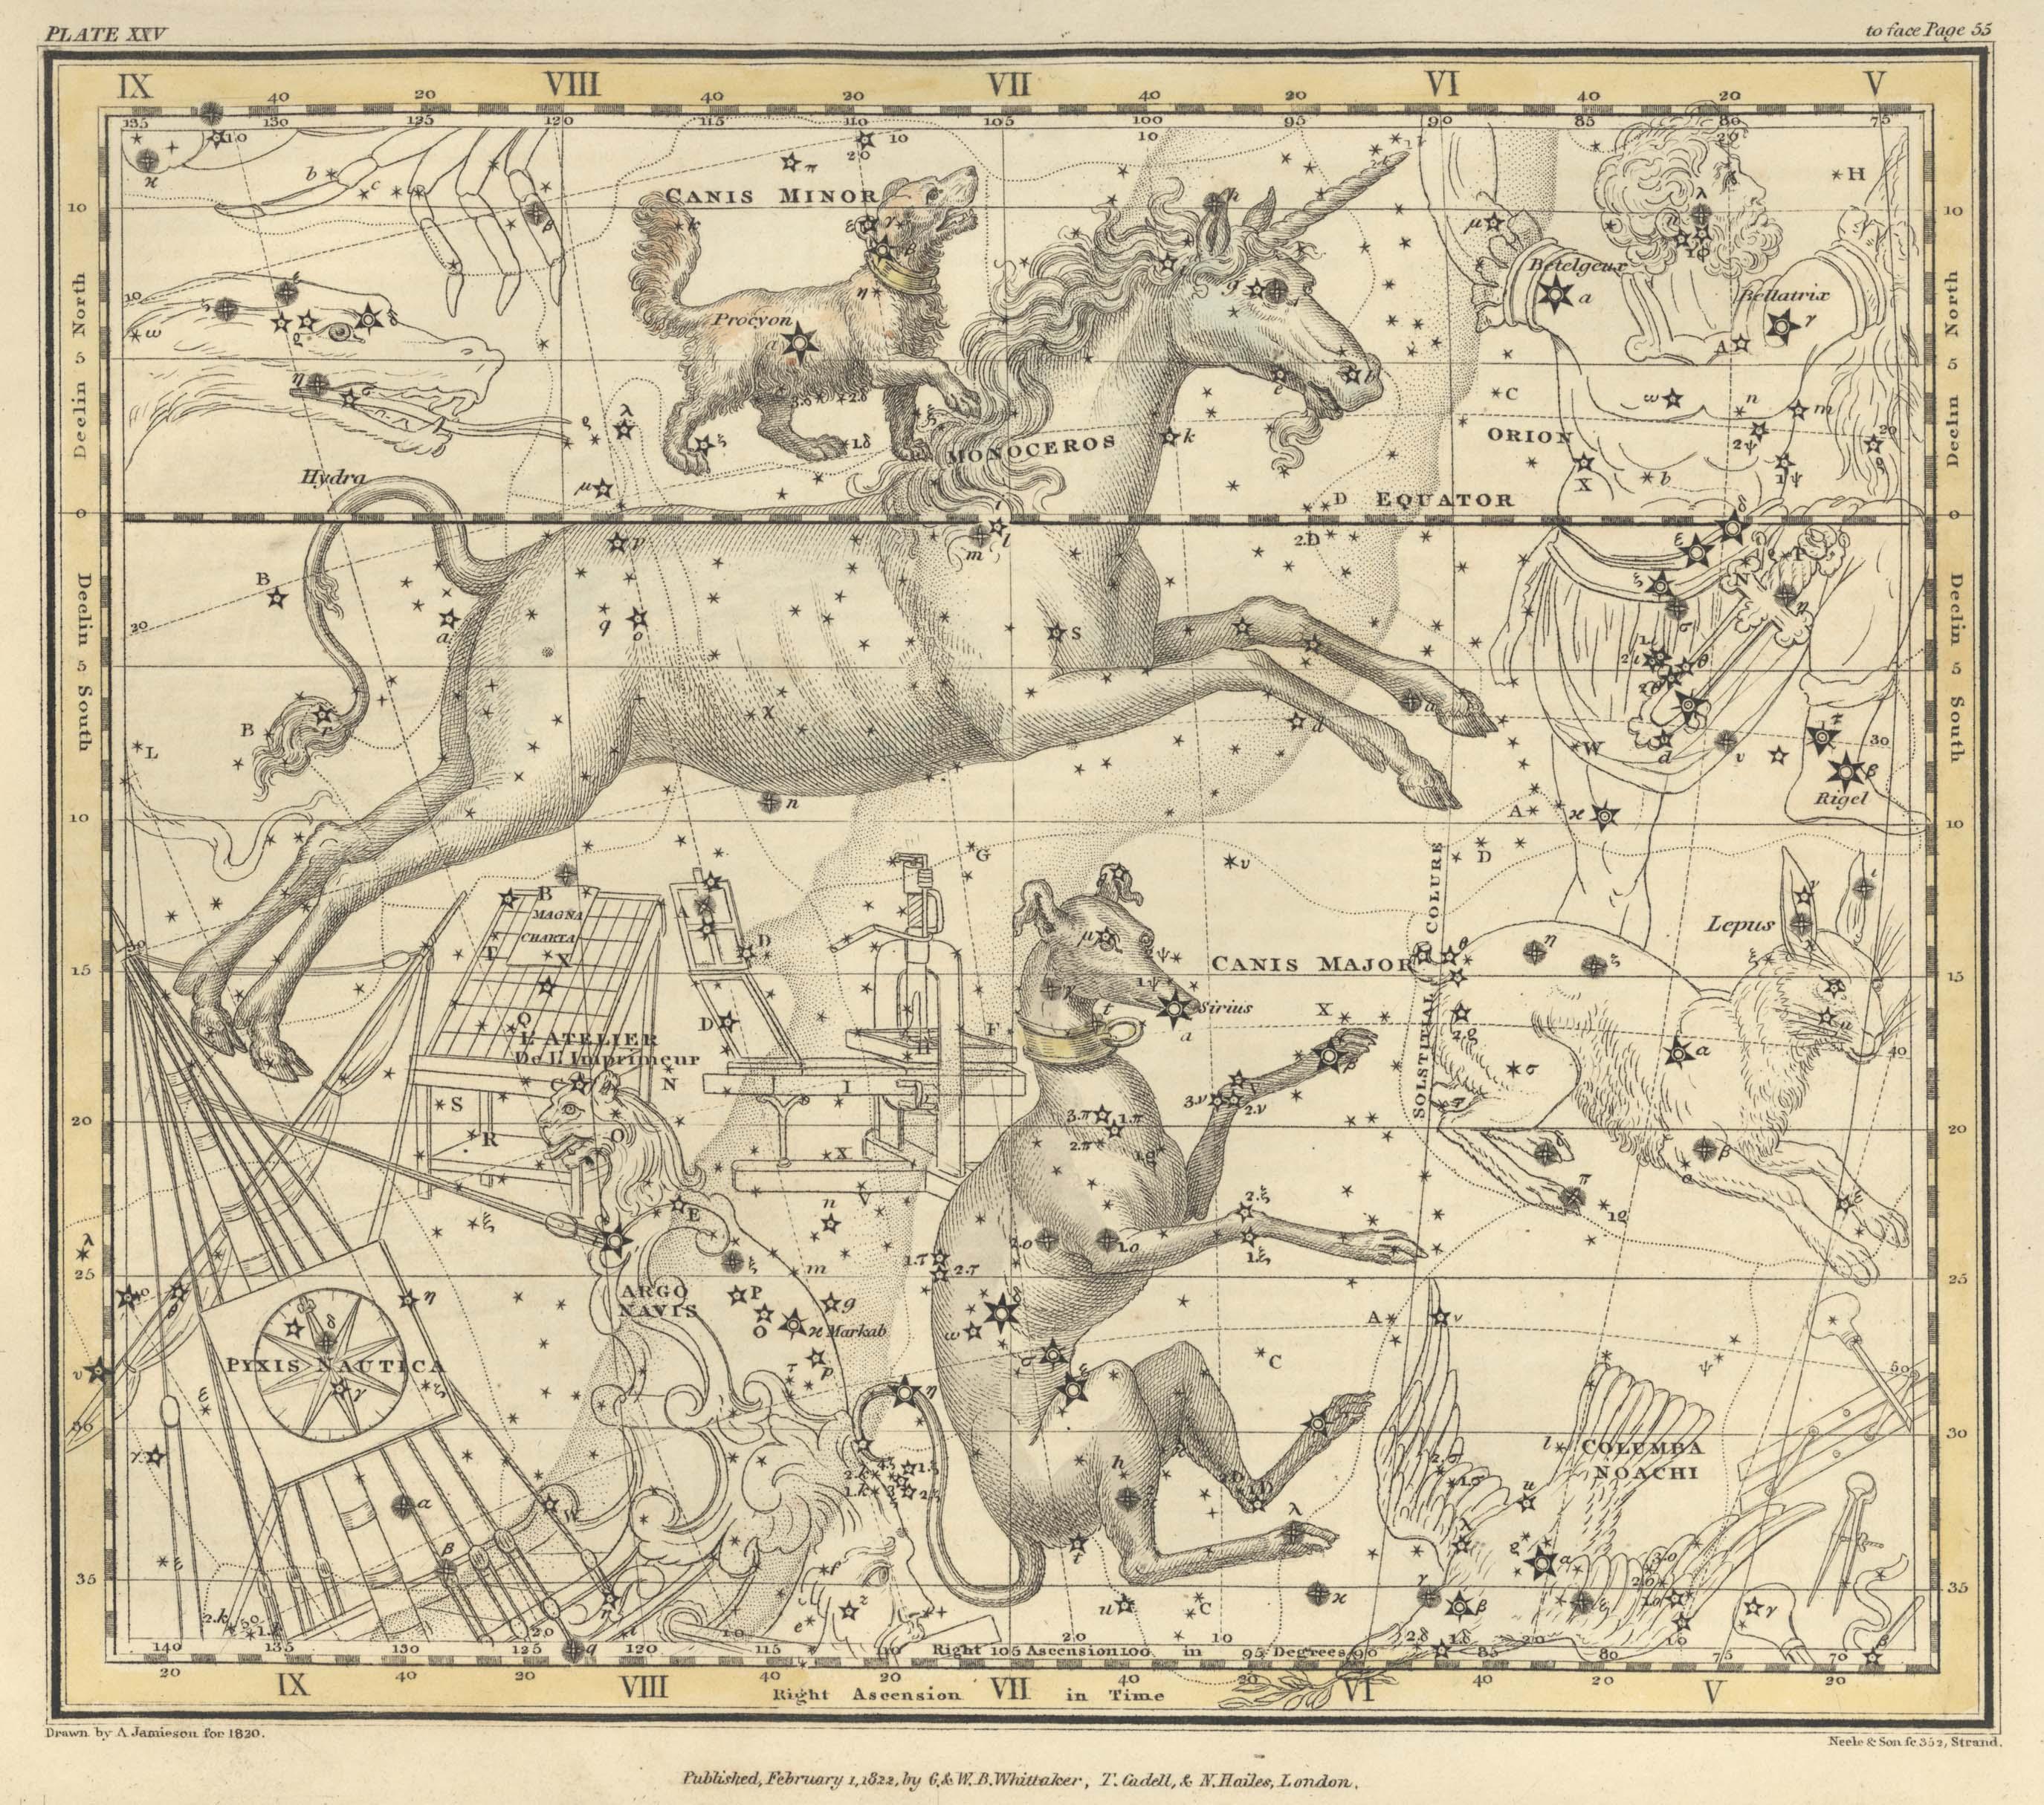 Страница №28: Единорог, Малый Пёс, Компас и Типографский Станок